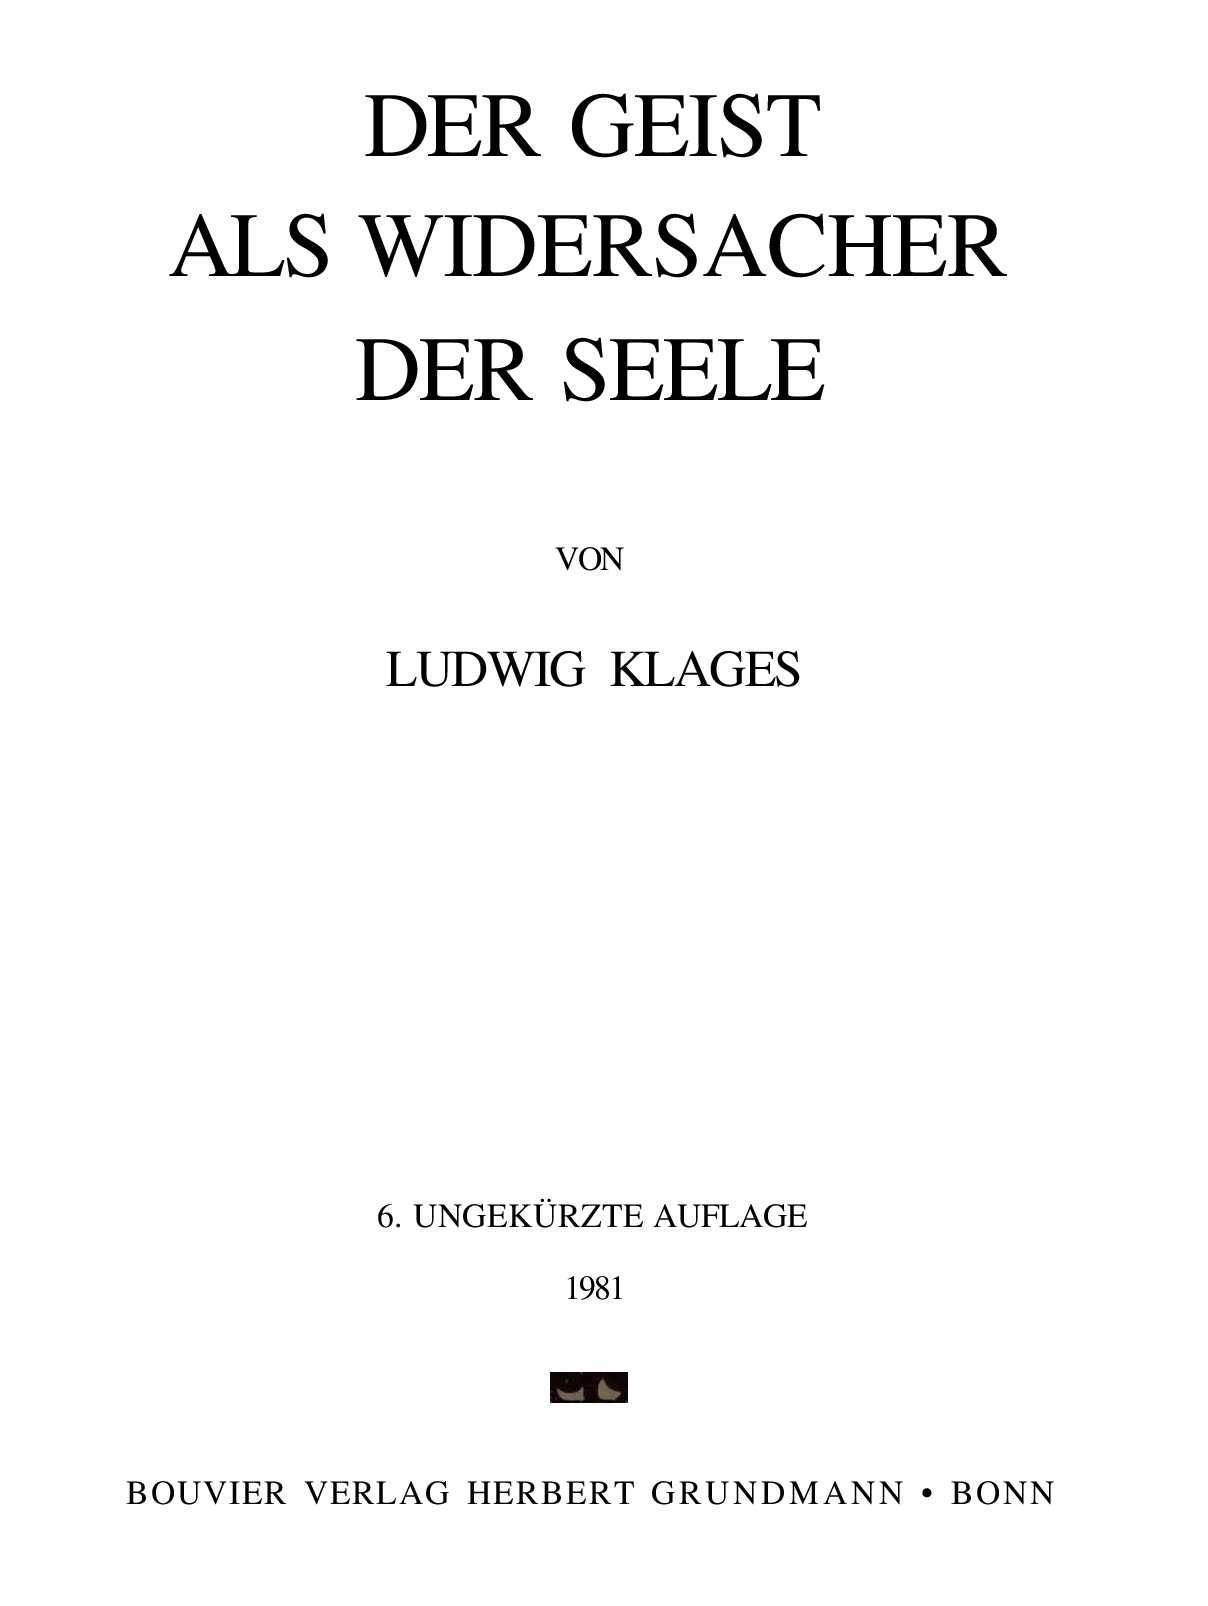 Großartig Doppelpoliger Wurf Ideen - Der Schaltplan - triangre.info